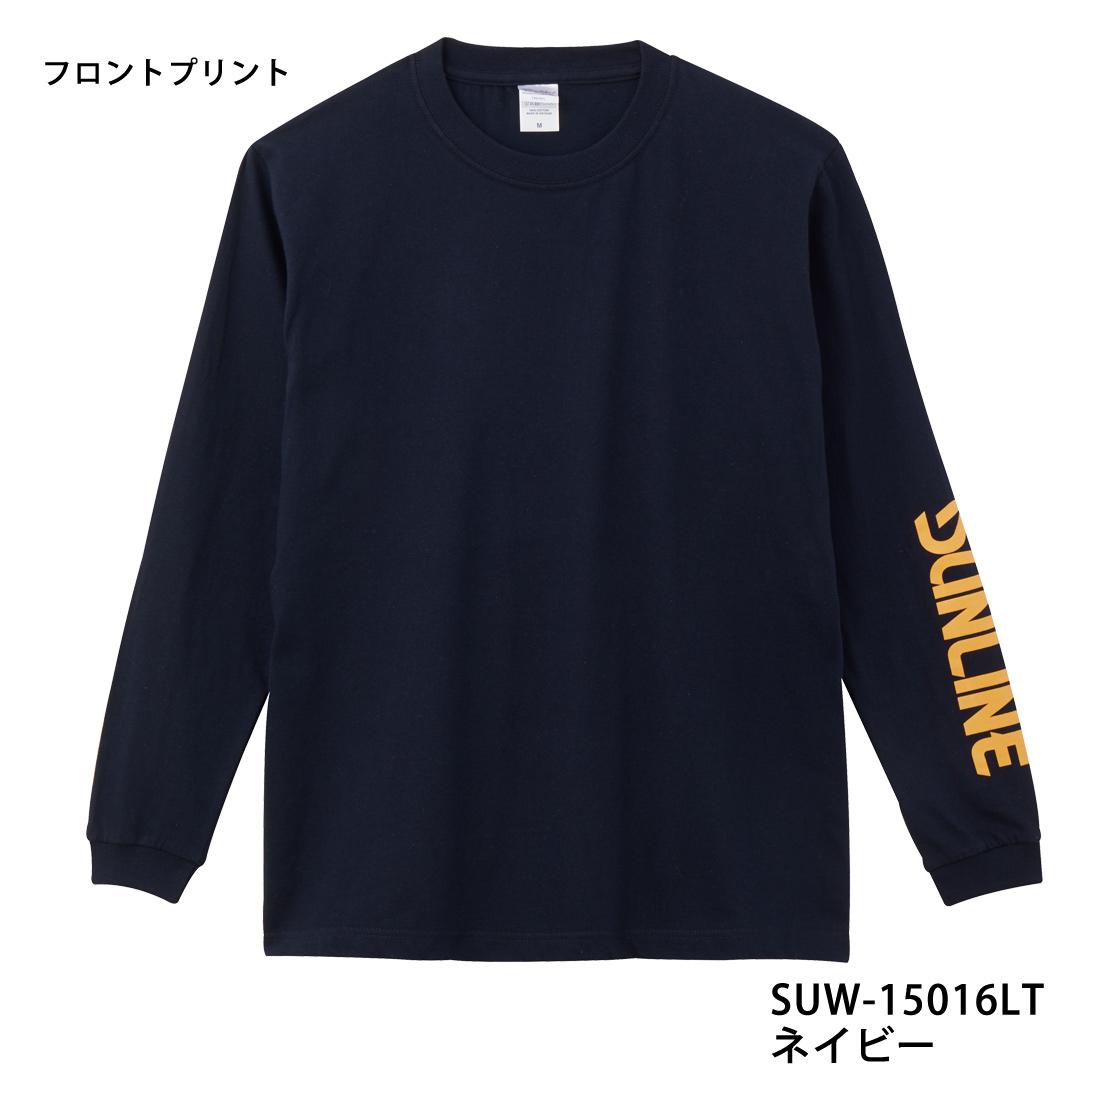 コットンロングTシャツ SUW−15016LT